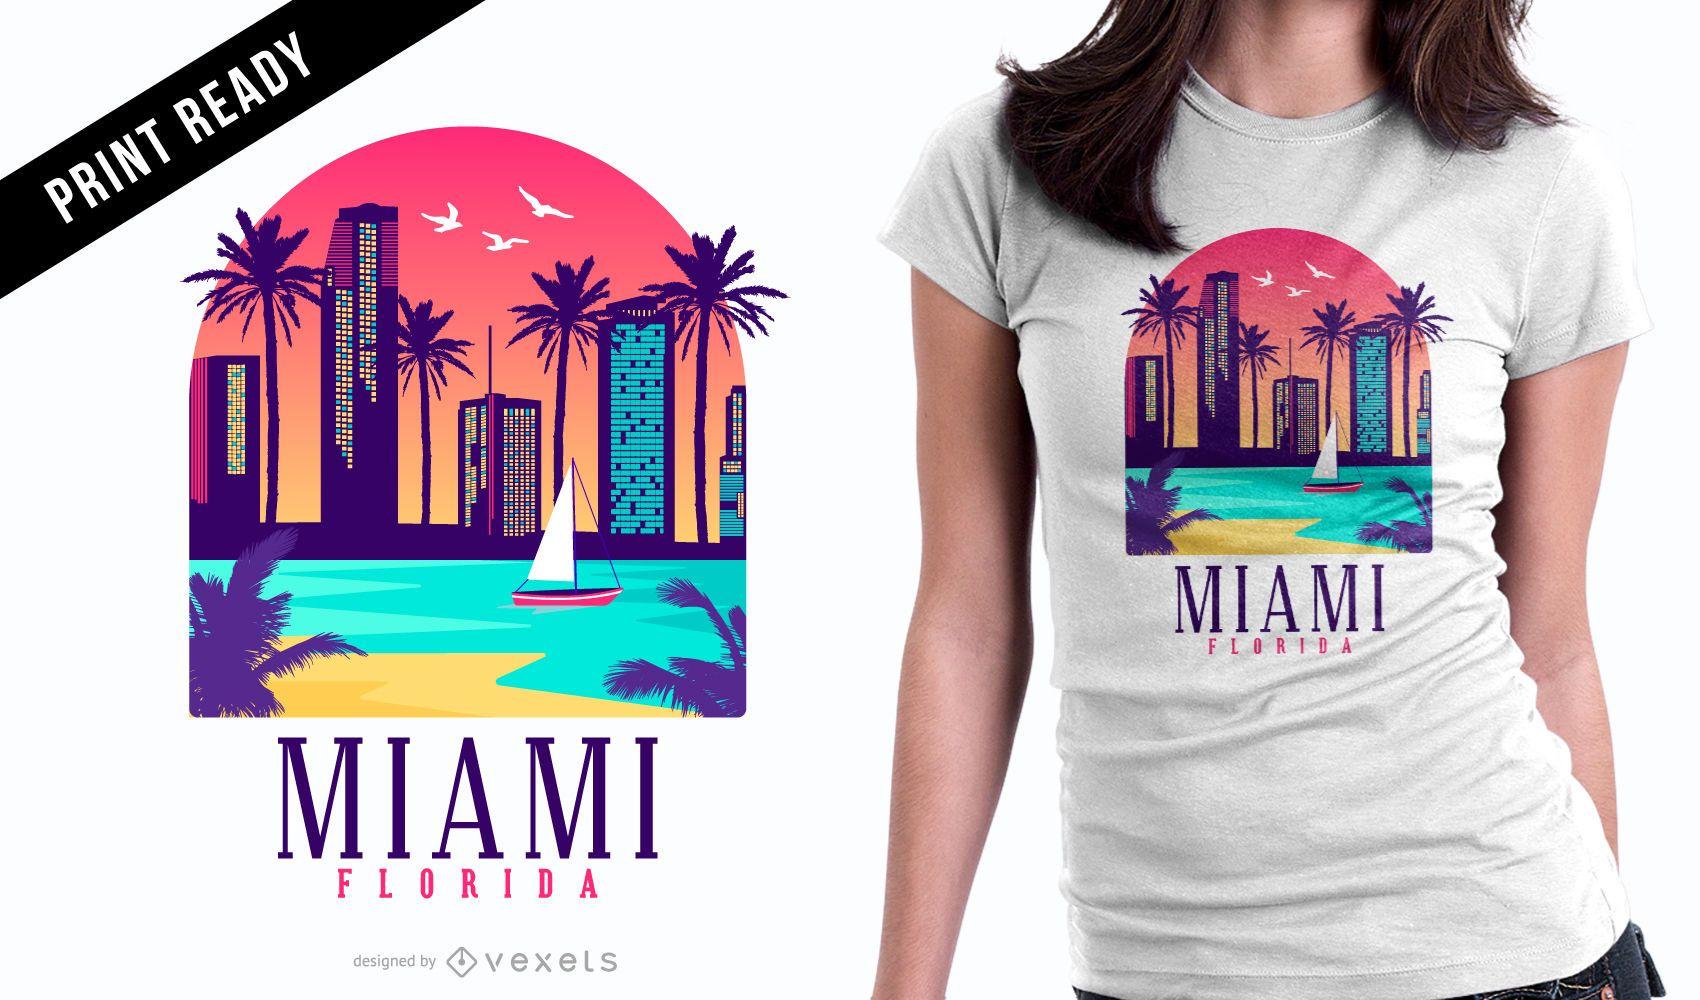 Miami Florida T Shirt Design Vector Download